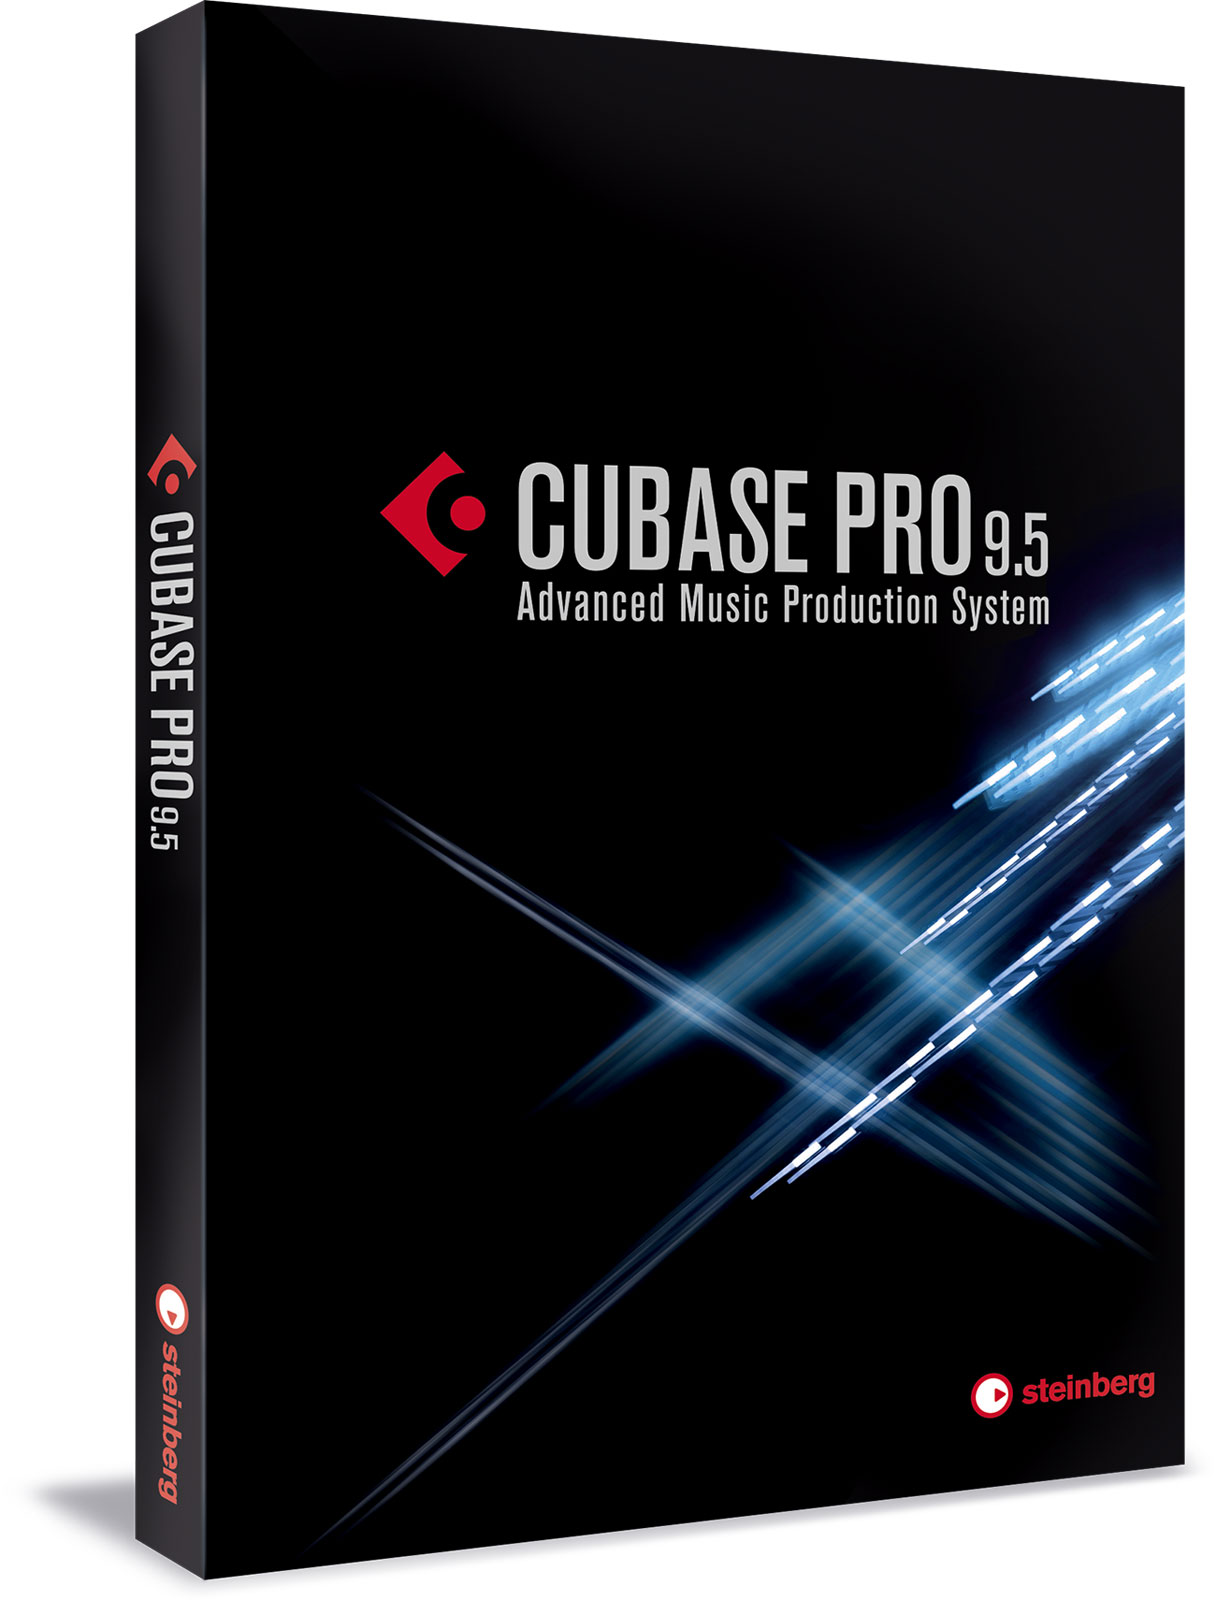 Image Cubase Pro 9.5